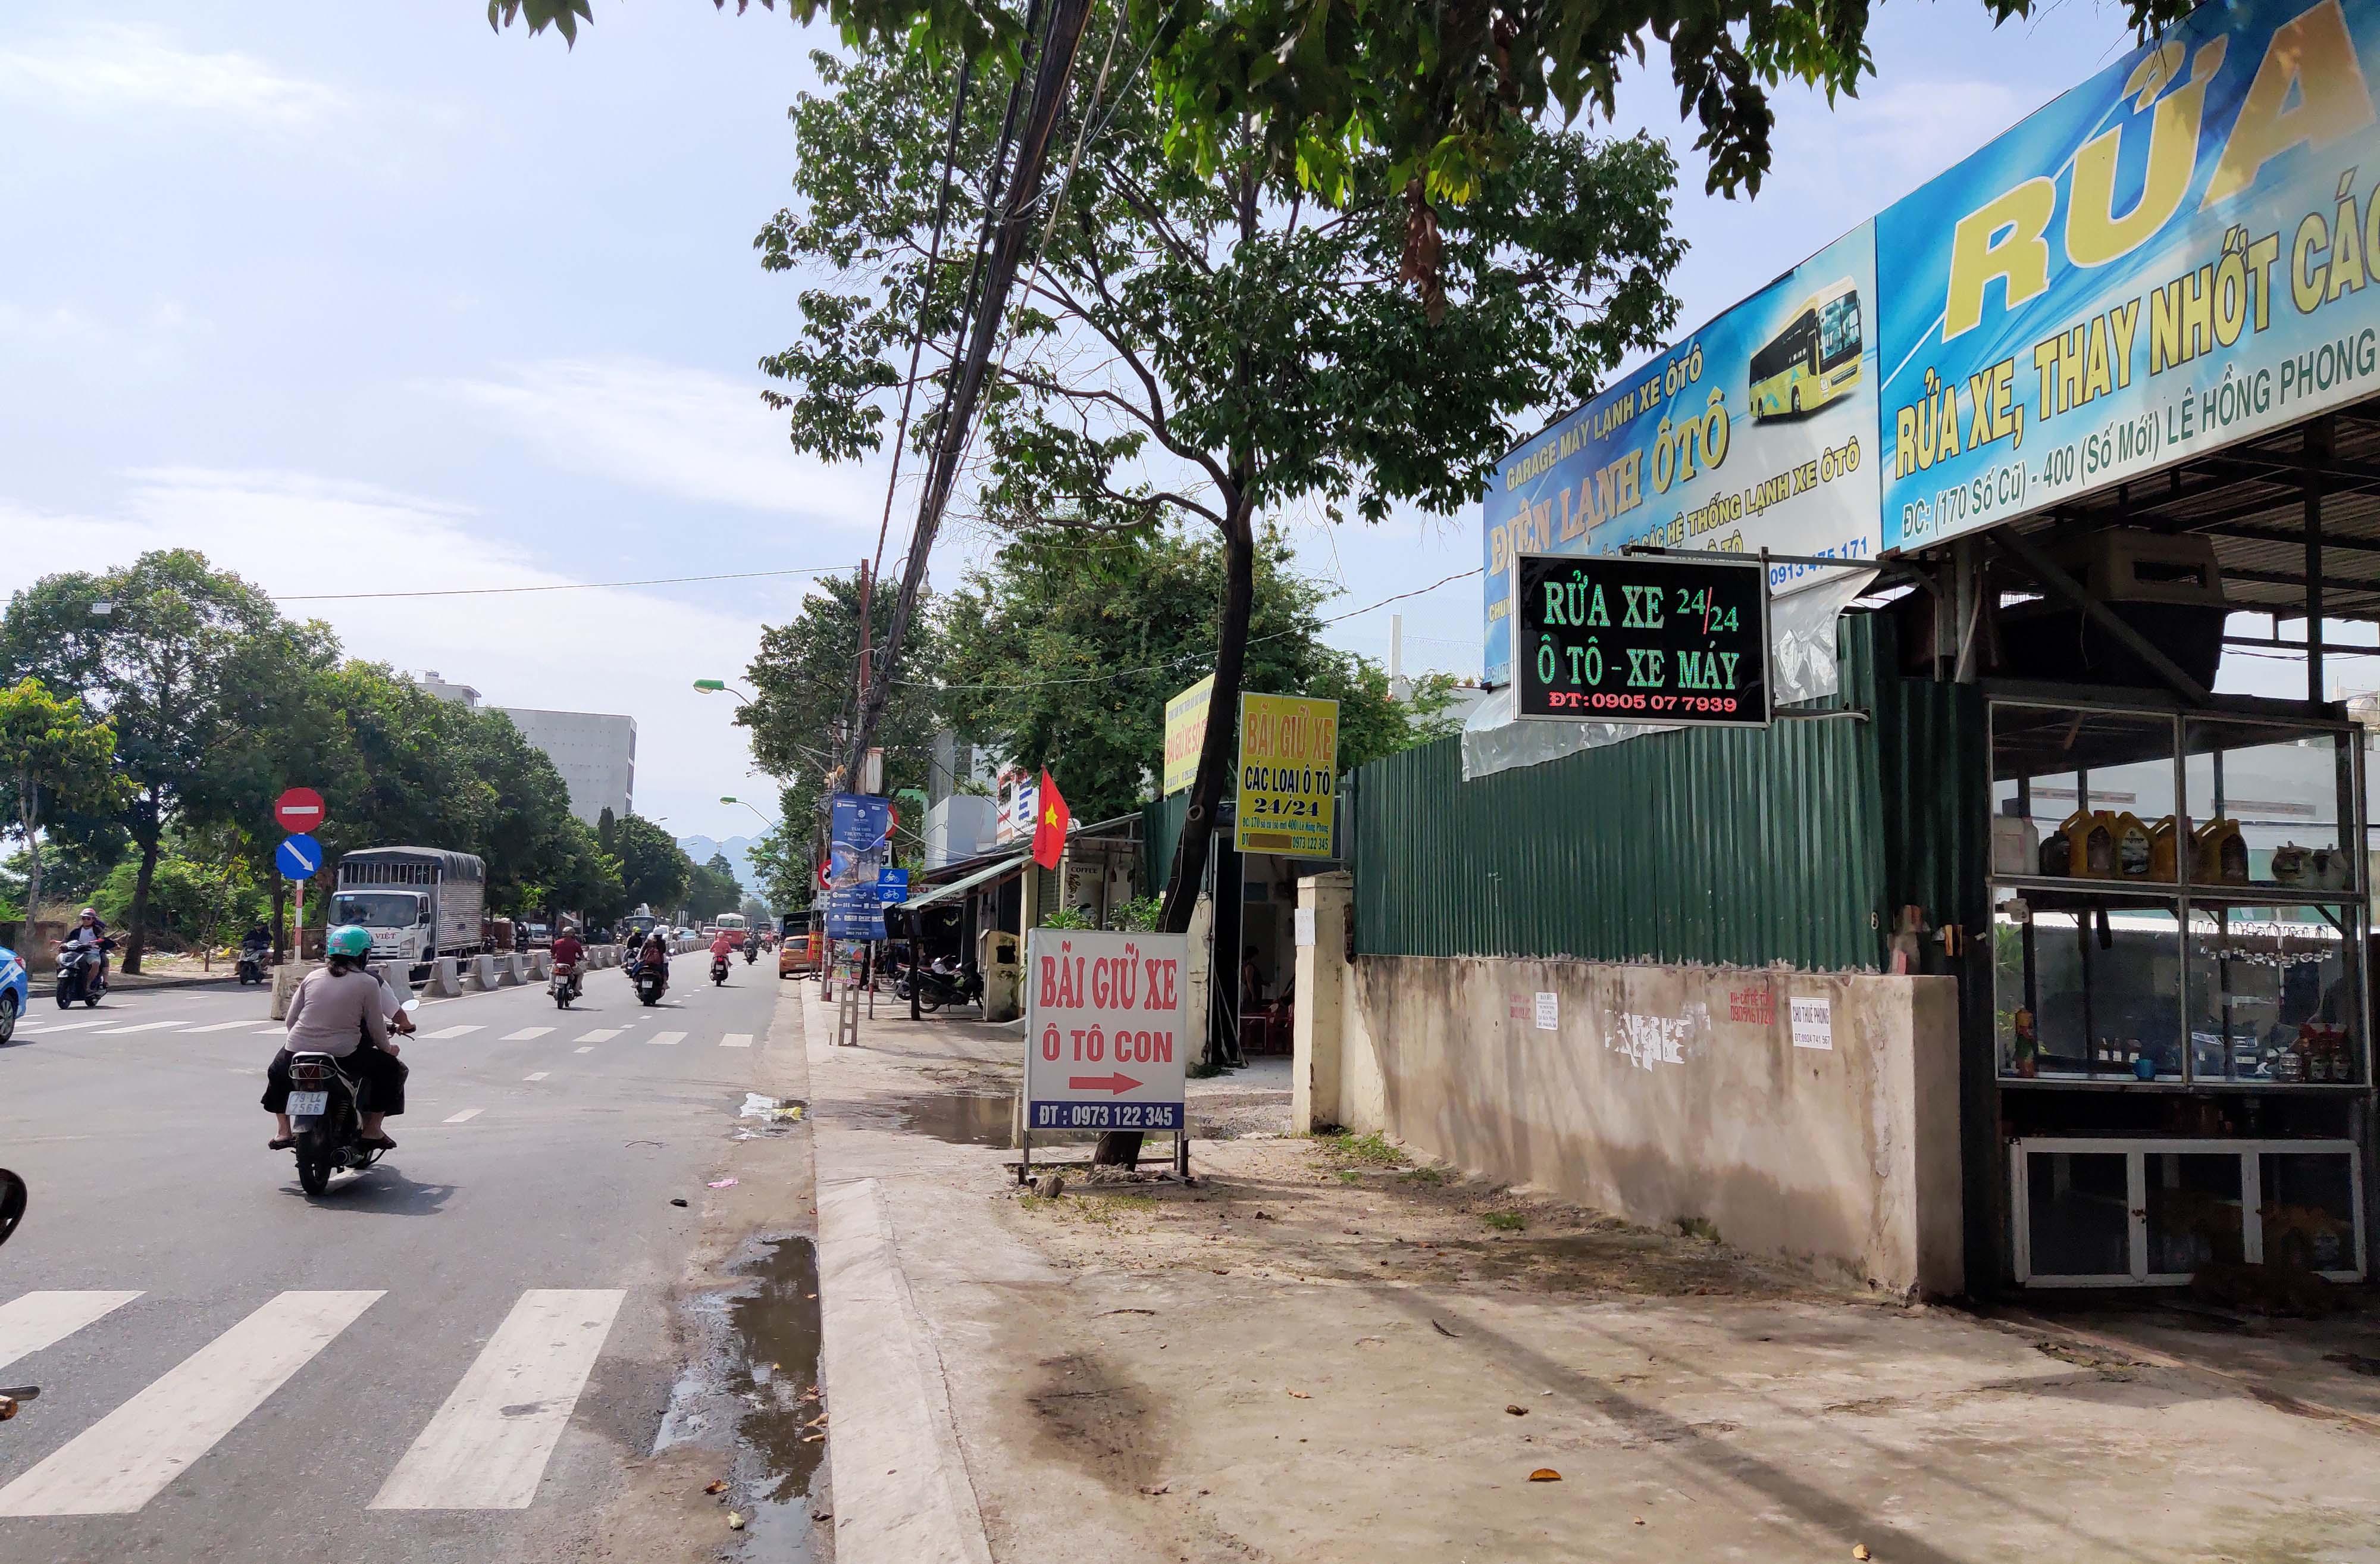 Nha Trang: Khu đất rộng 5.569m2 trên đường Lê Hồng Phong sẽ được đấu giá để xây dựng bãi đỗ xe - Ảnh 9.